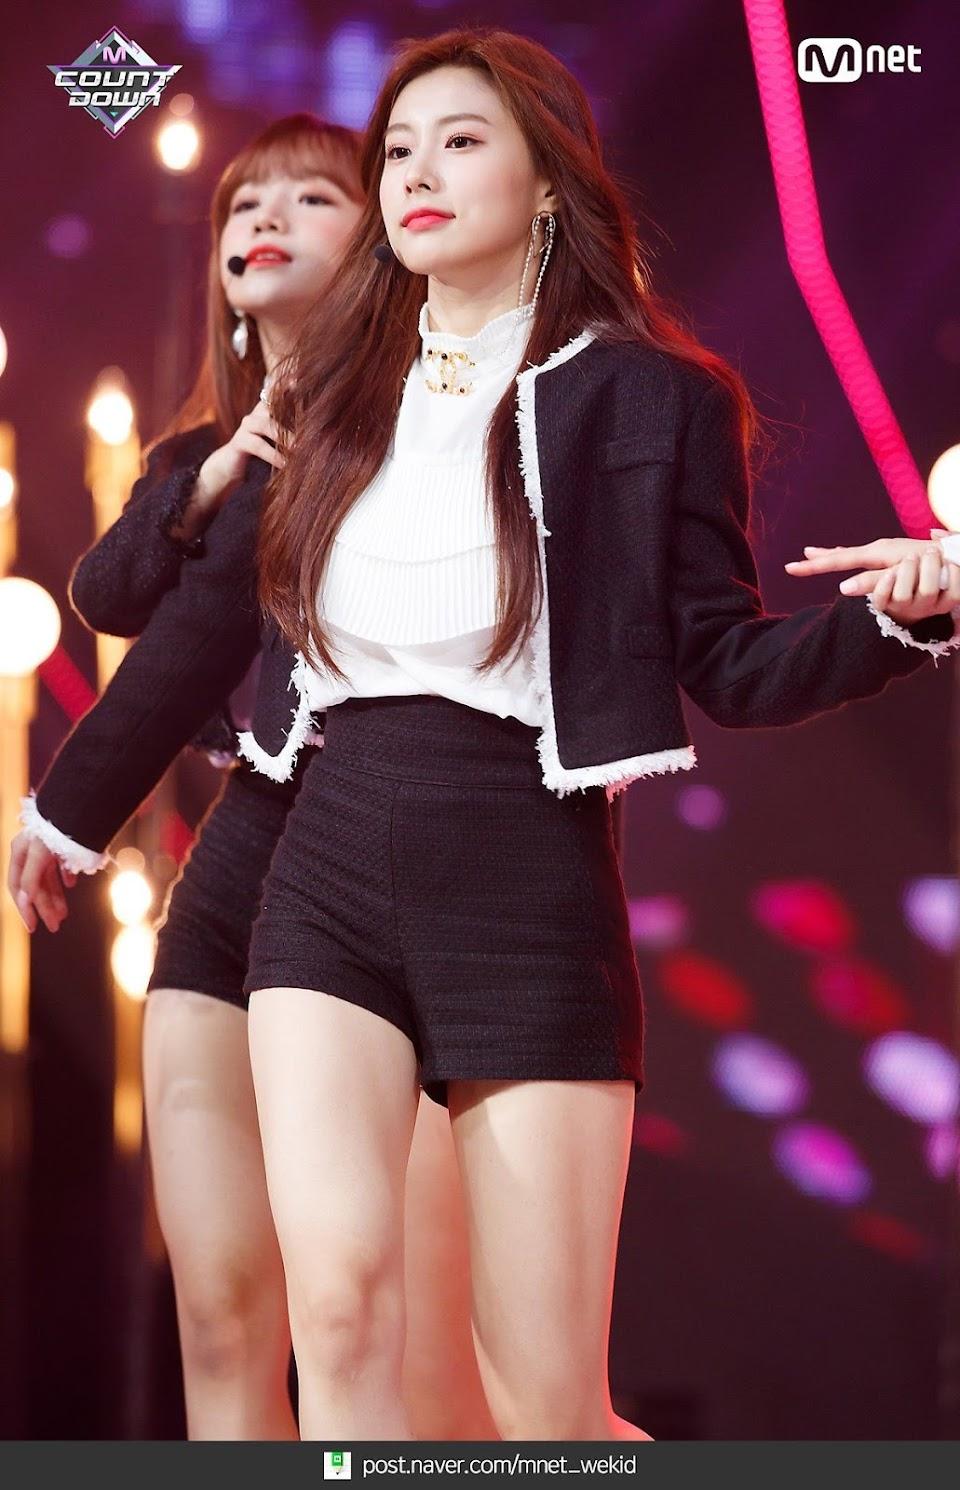 hyewon waist 41